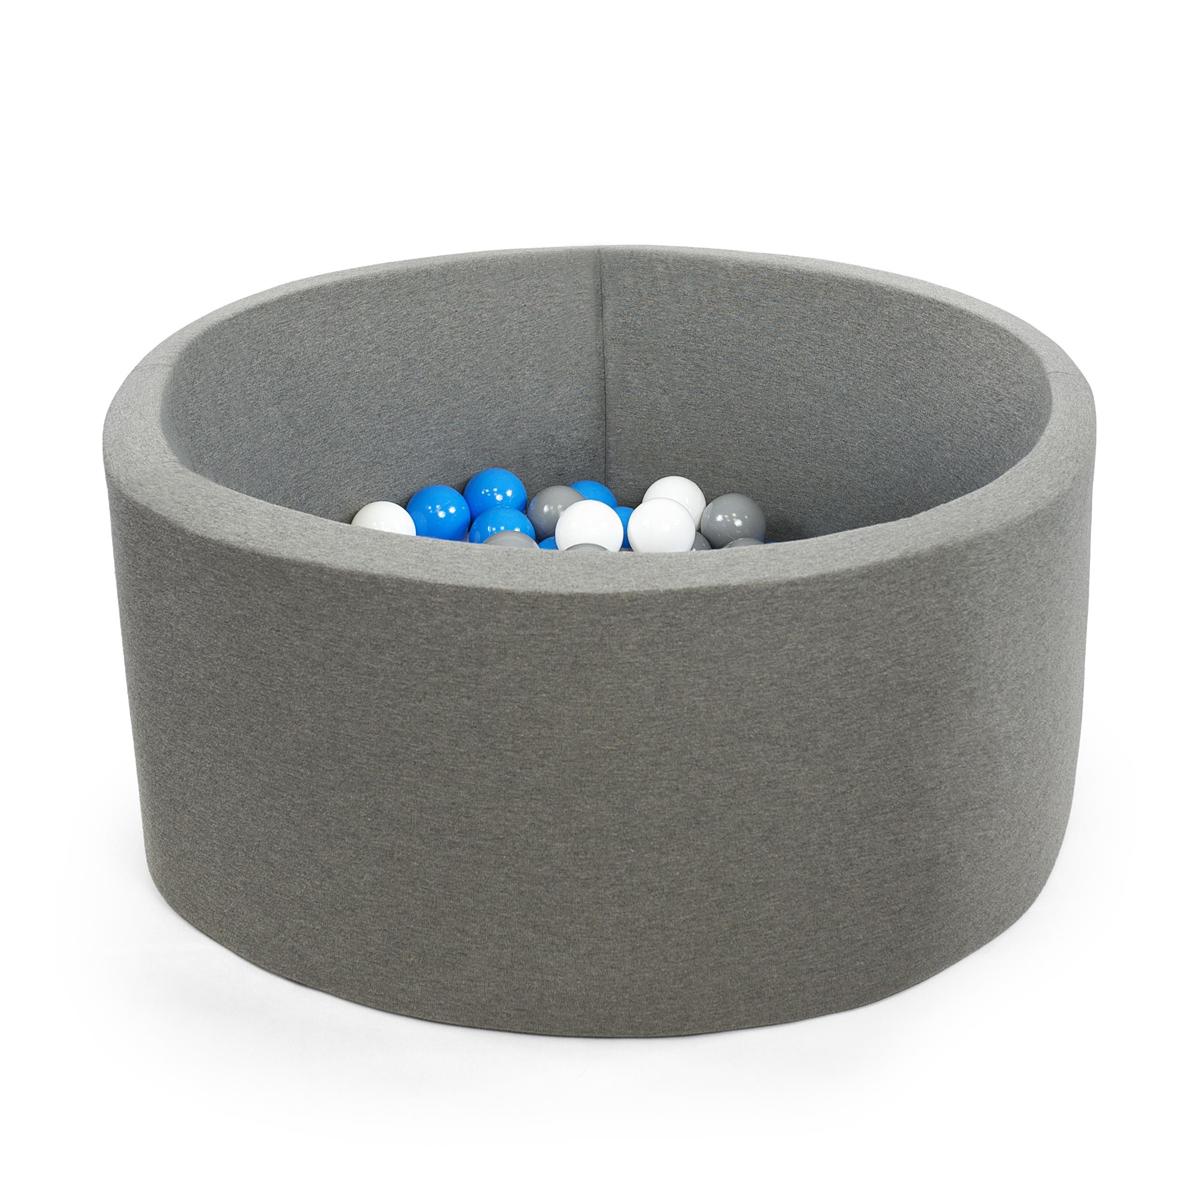 Misioo piscine balles ronde grise 90 cm balle abbg for Piscine a boule en mousse